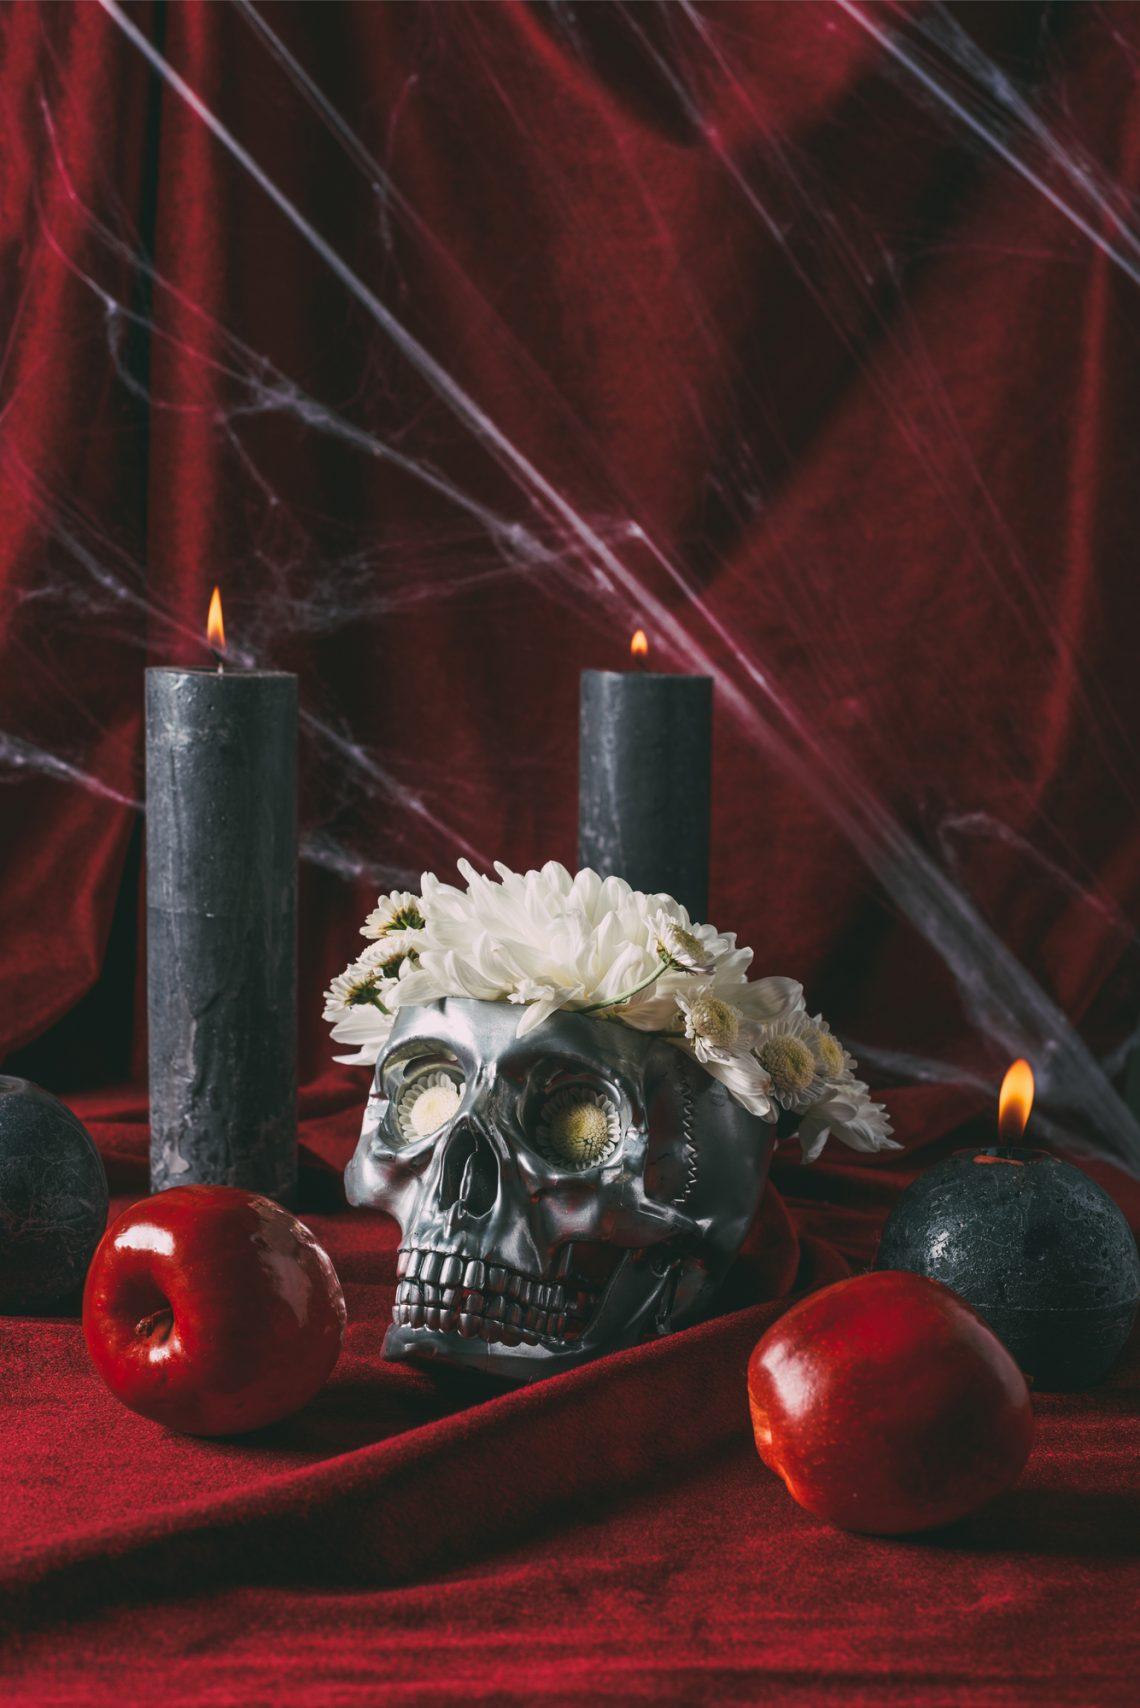 Фото черепа у вінку з чорними свічками, яблуками й павутинням